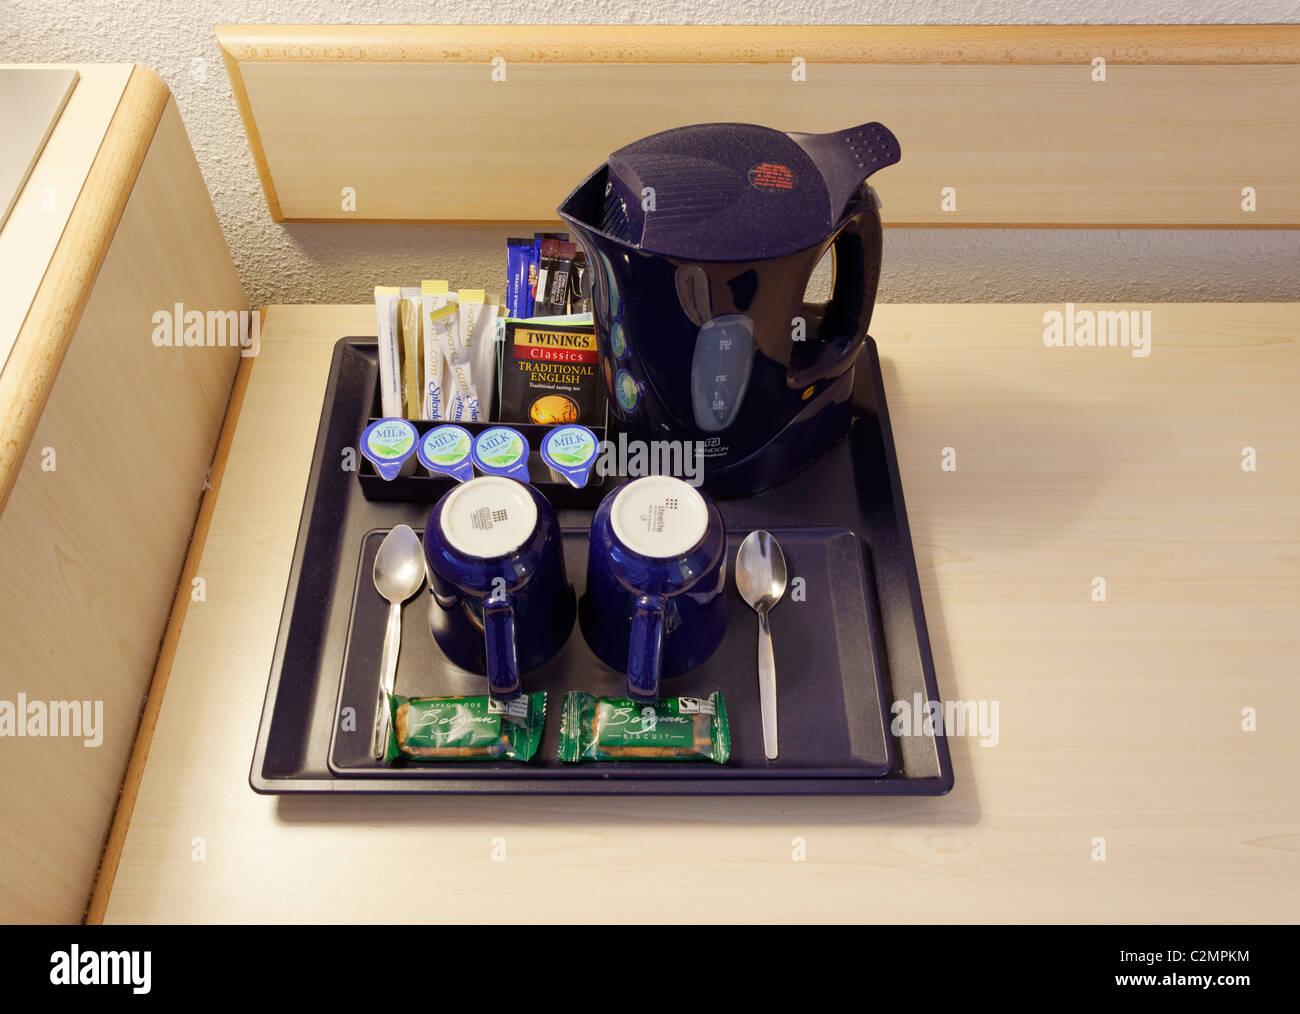 Bandeja de té y café en la habitación de un hotel, REINO UNIDO Imagen De Stock